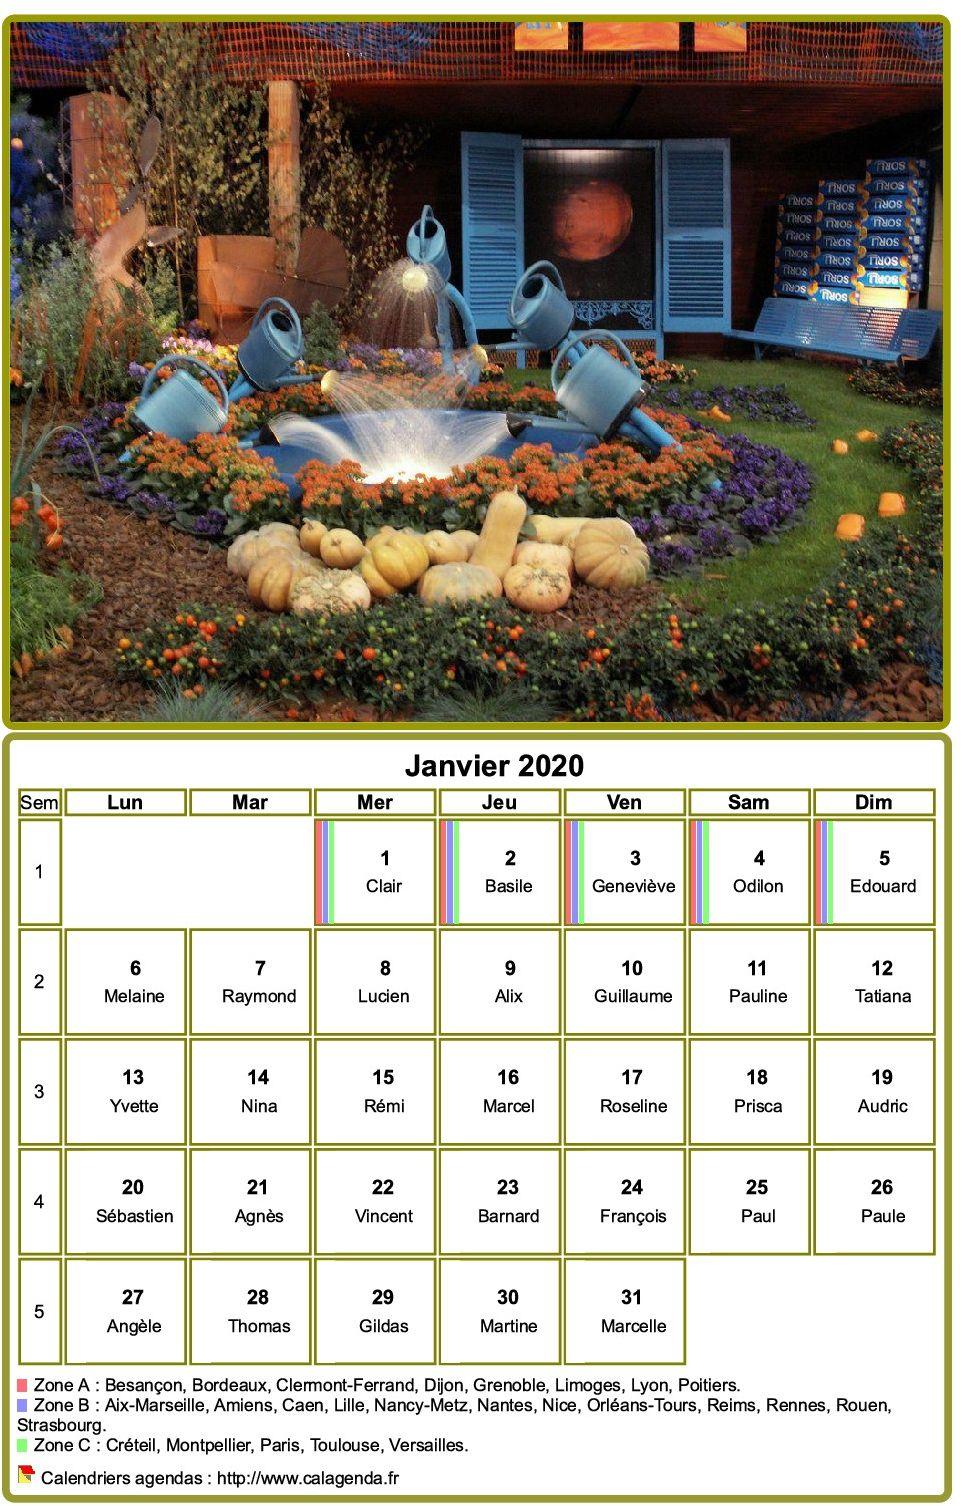 Calendrier 2020 à imprimer, mensuel, avec photographie au dessus